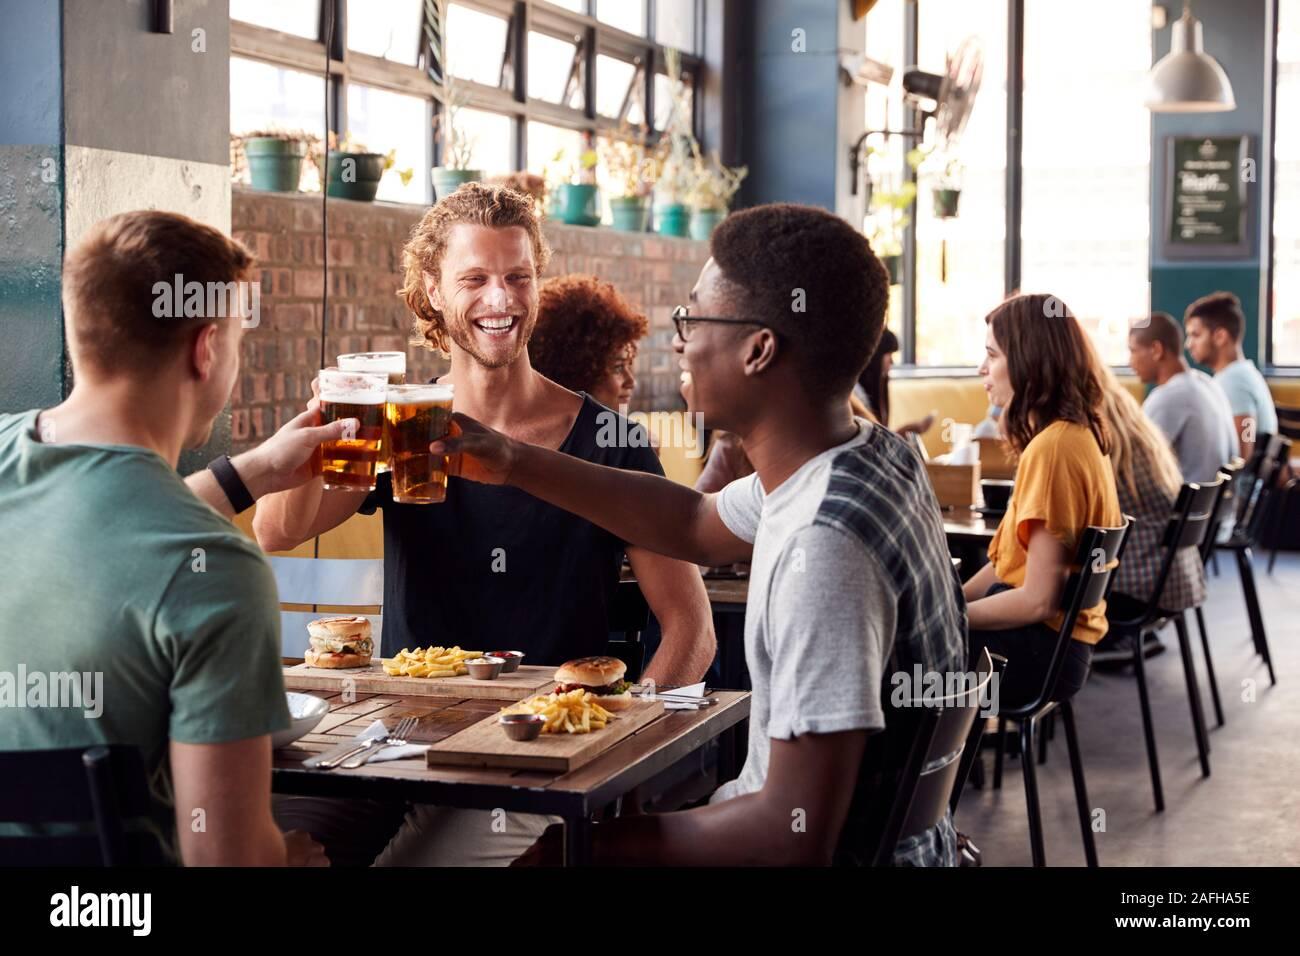 Trois jeunes amis réunion pour des boissons et de la nourriture faire un toast en Restaurant Banque D'Images